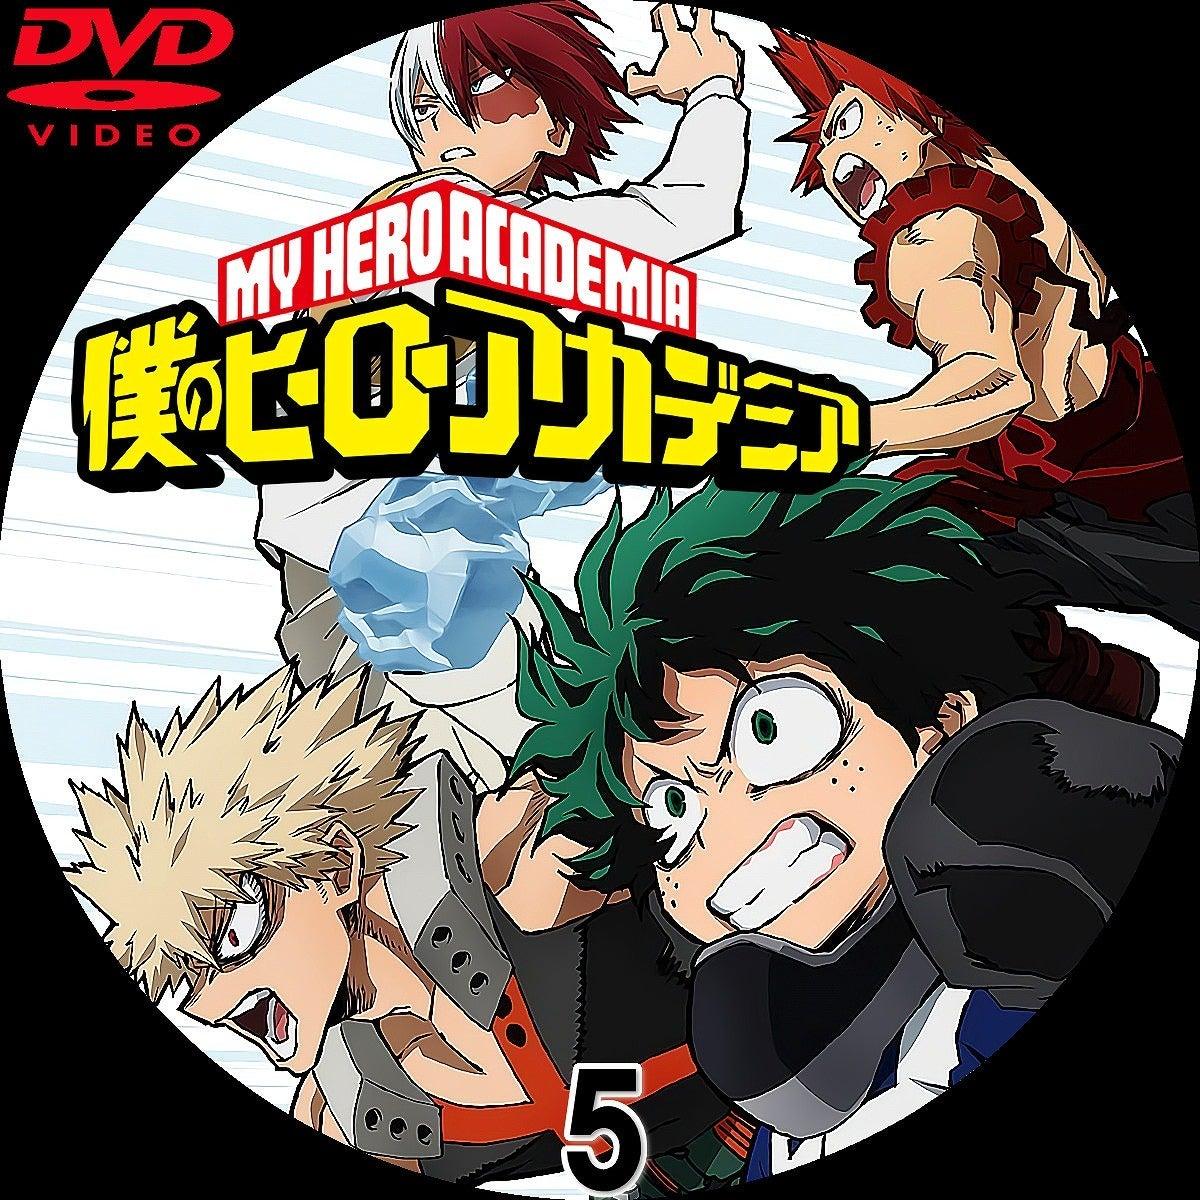 僕 の ヒーロー アカデミア dvd ラベル